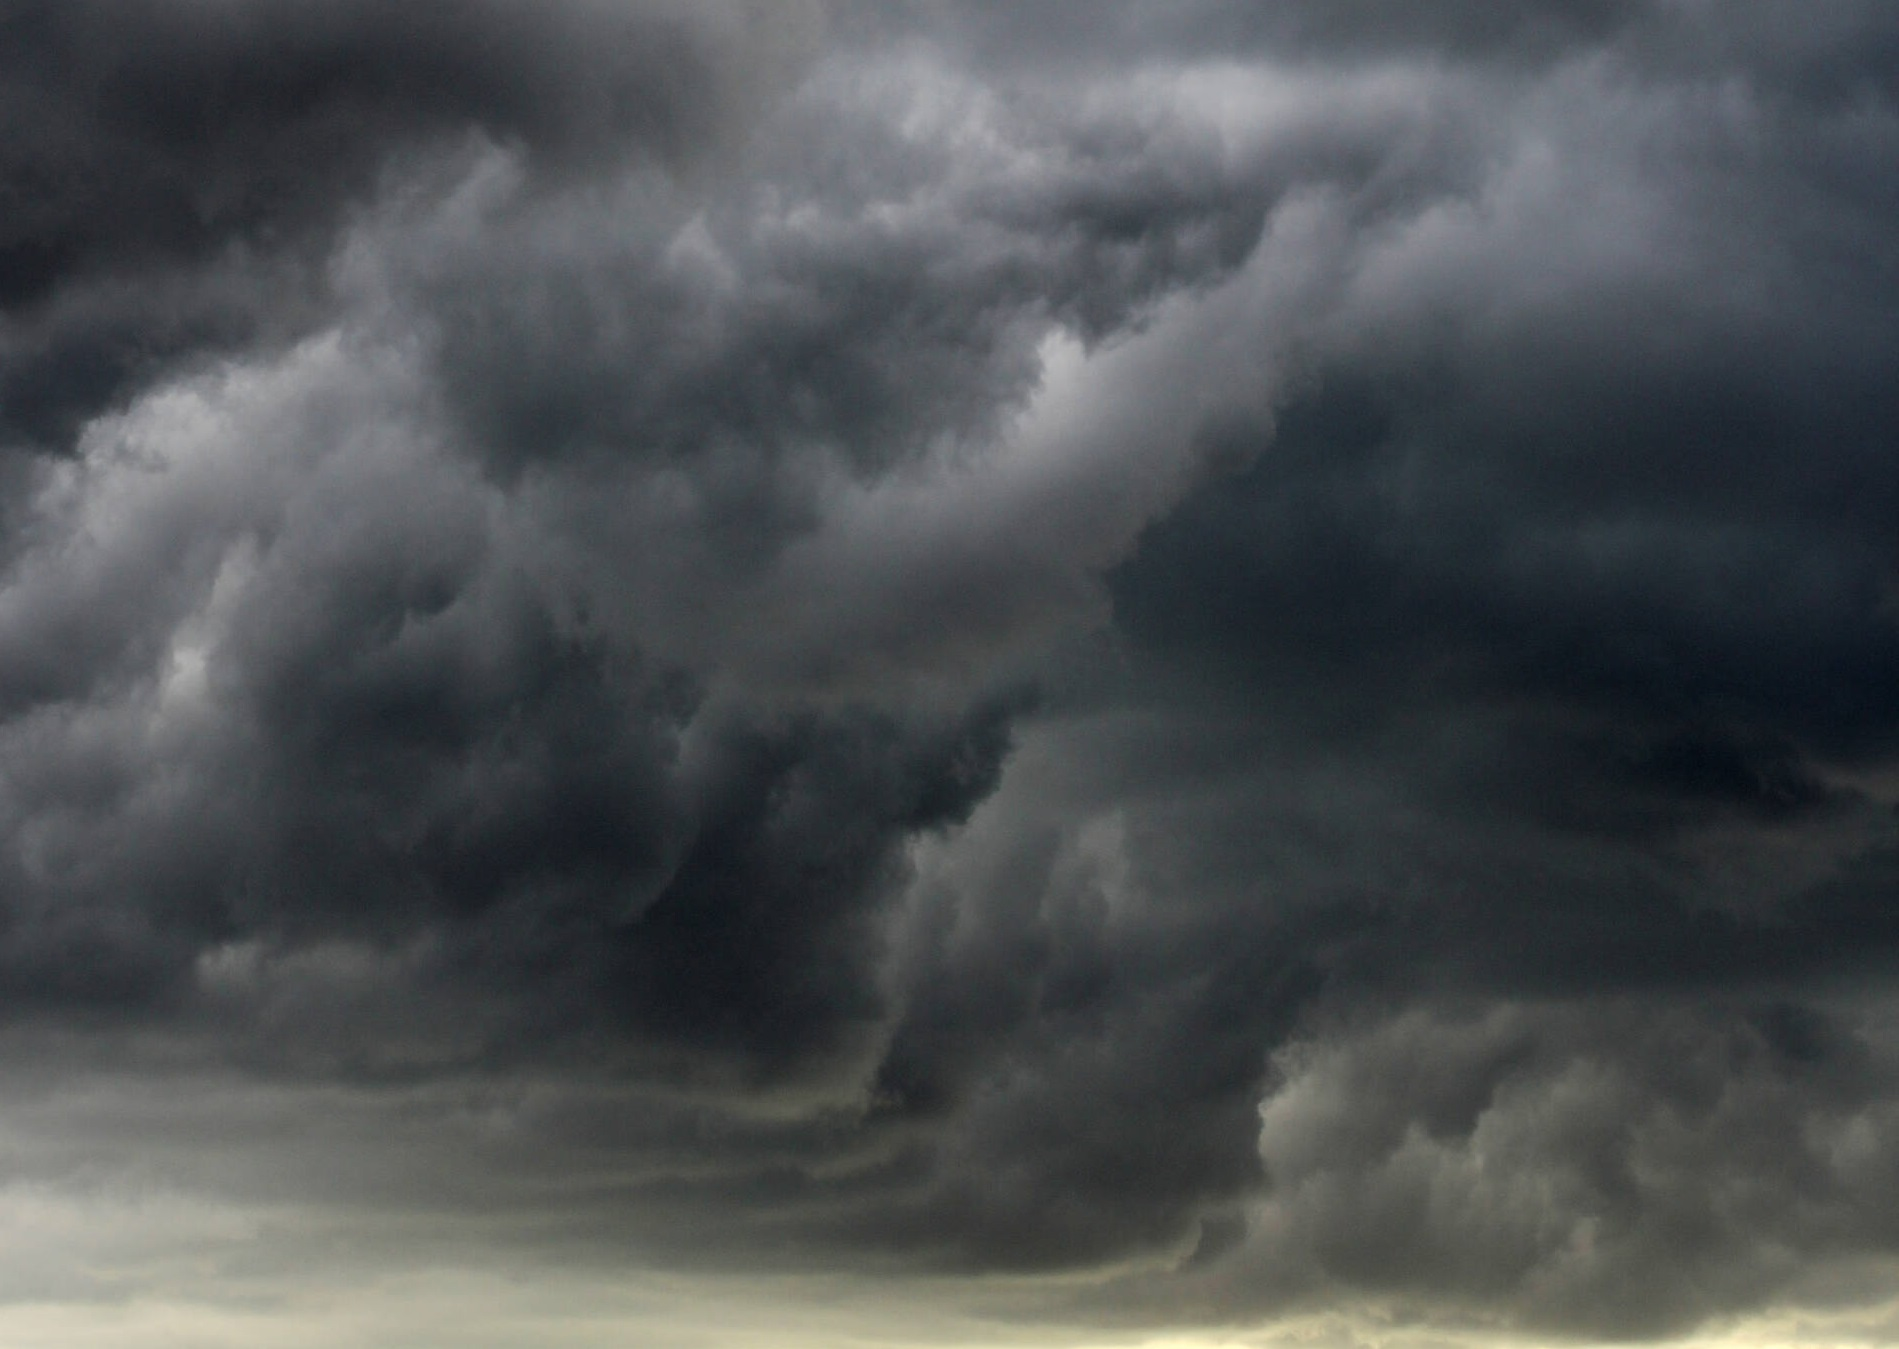 Грозовий циклон вже близько: у найближчу годину Київщину накриють дощі - погода, гроза - 30 groza4